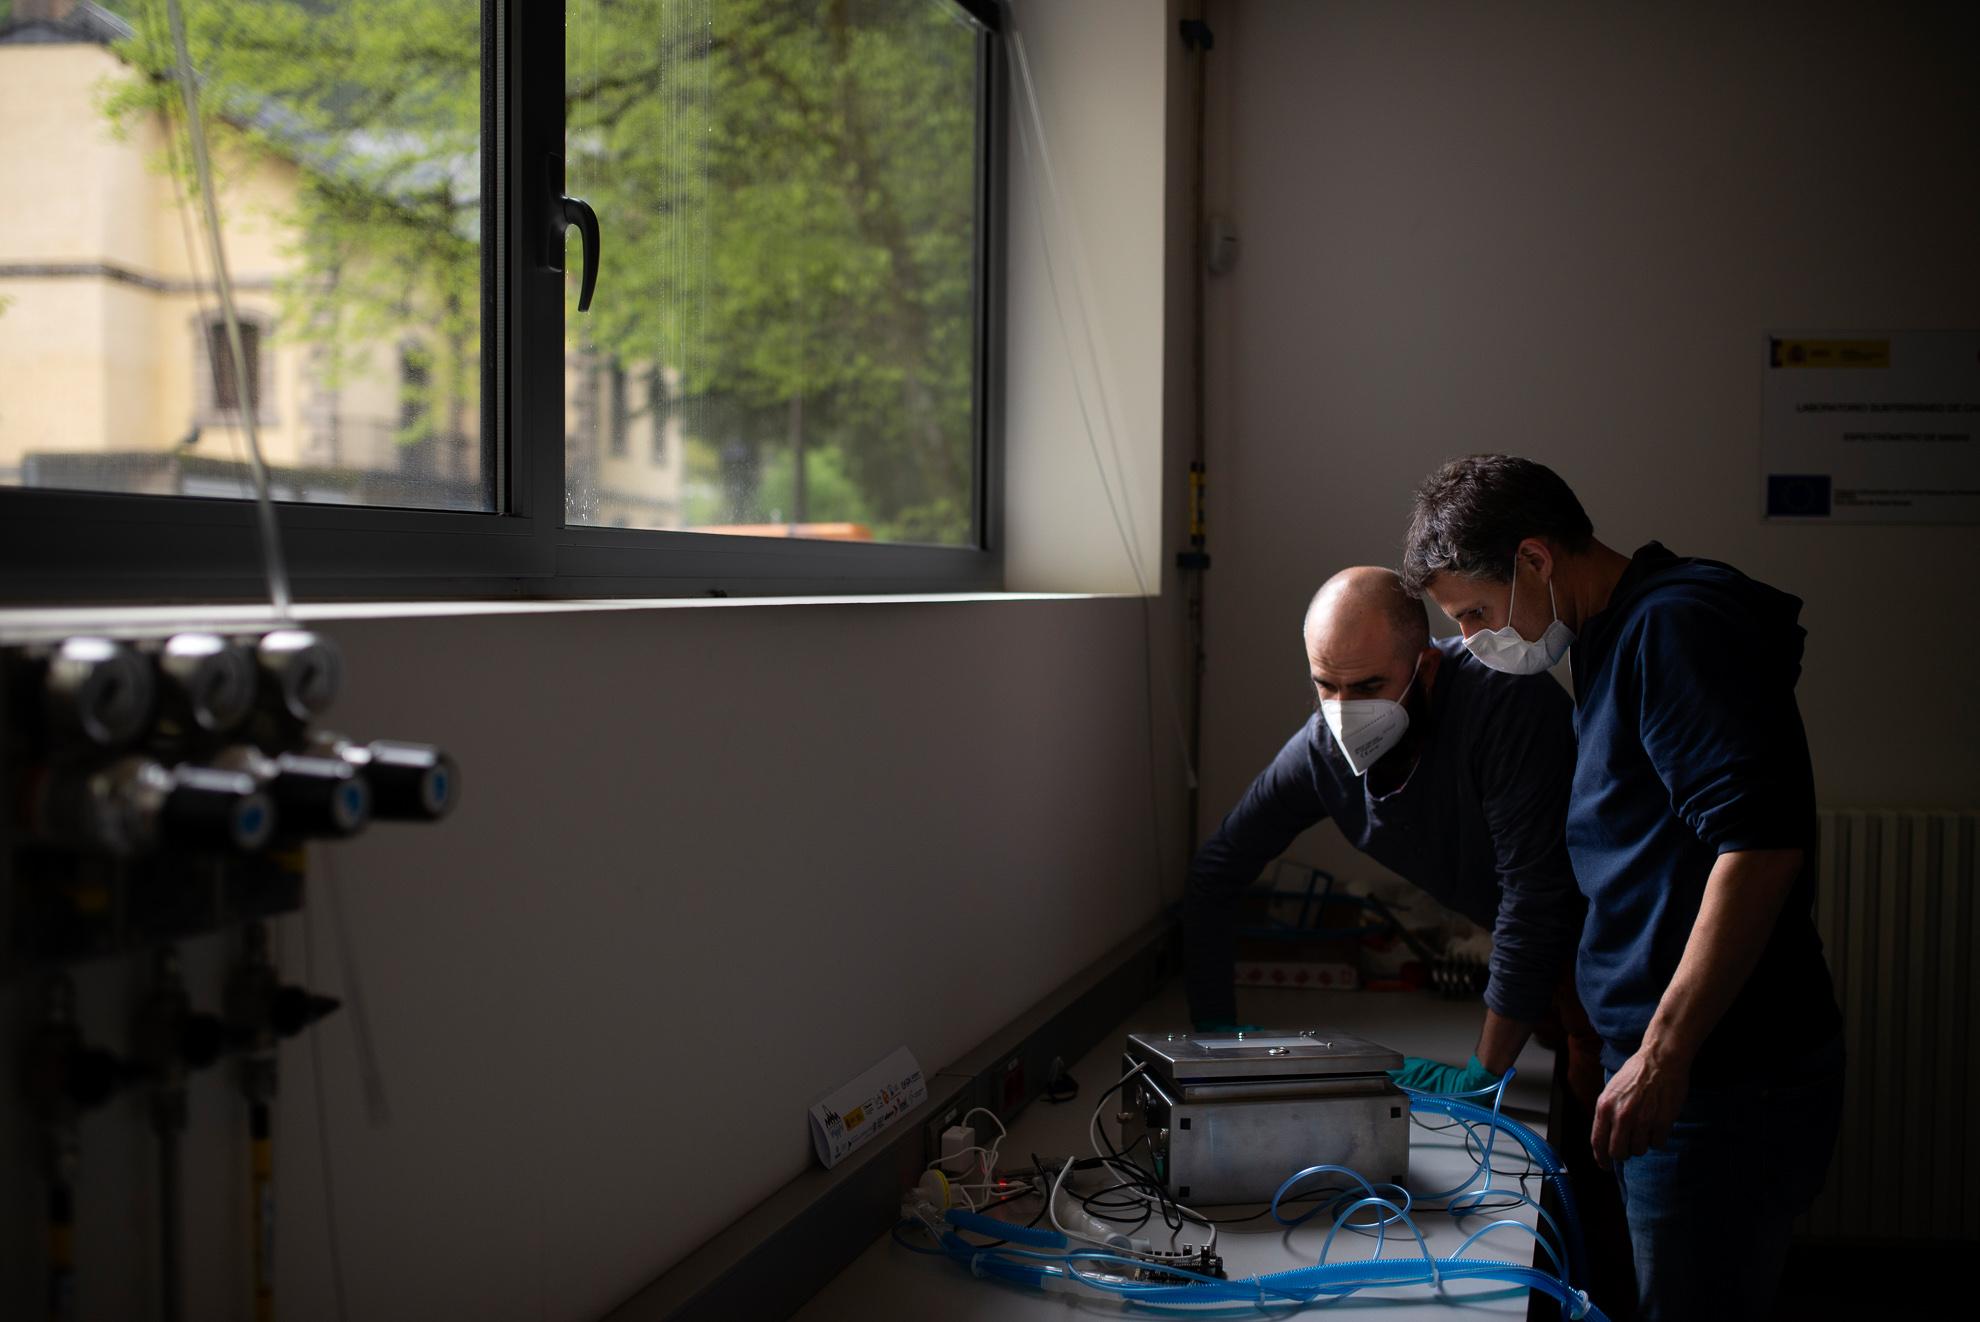 Vicente Pesudo y Alberto Bayo son físicos del Laboratorio Subterráneo de Canfranc donde habitualmente desarrollan investigaciones relativas a la búsqueda de la materia oscura en el universo. Desde hace 2 meses han aparcado sus proyectos y trabajan desarrollando una solución de fácil fabricación para resolver la escasez mundial, tanto actual como prevista, de respiradores para tratar a los pacientes con COVID-19 en UCI.